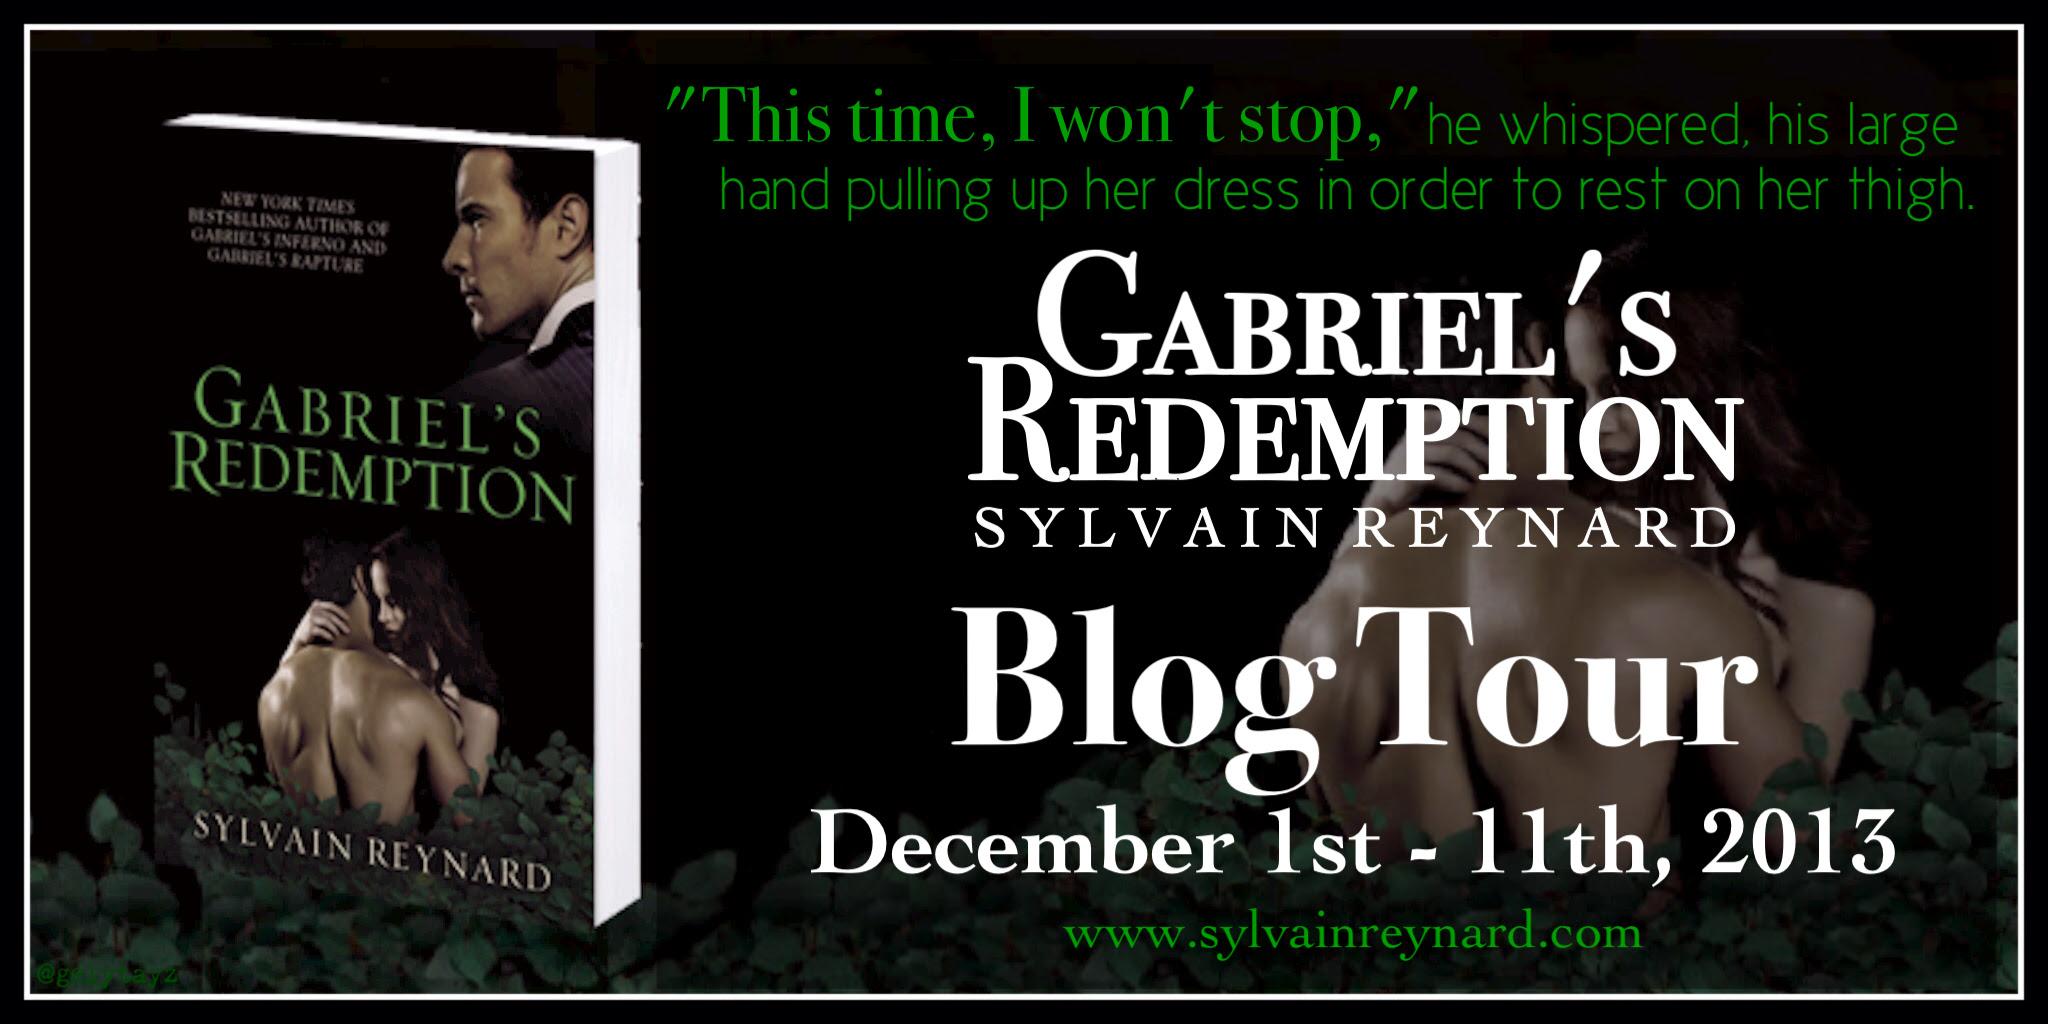 gabriel's redemption.jpg